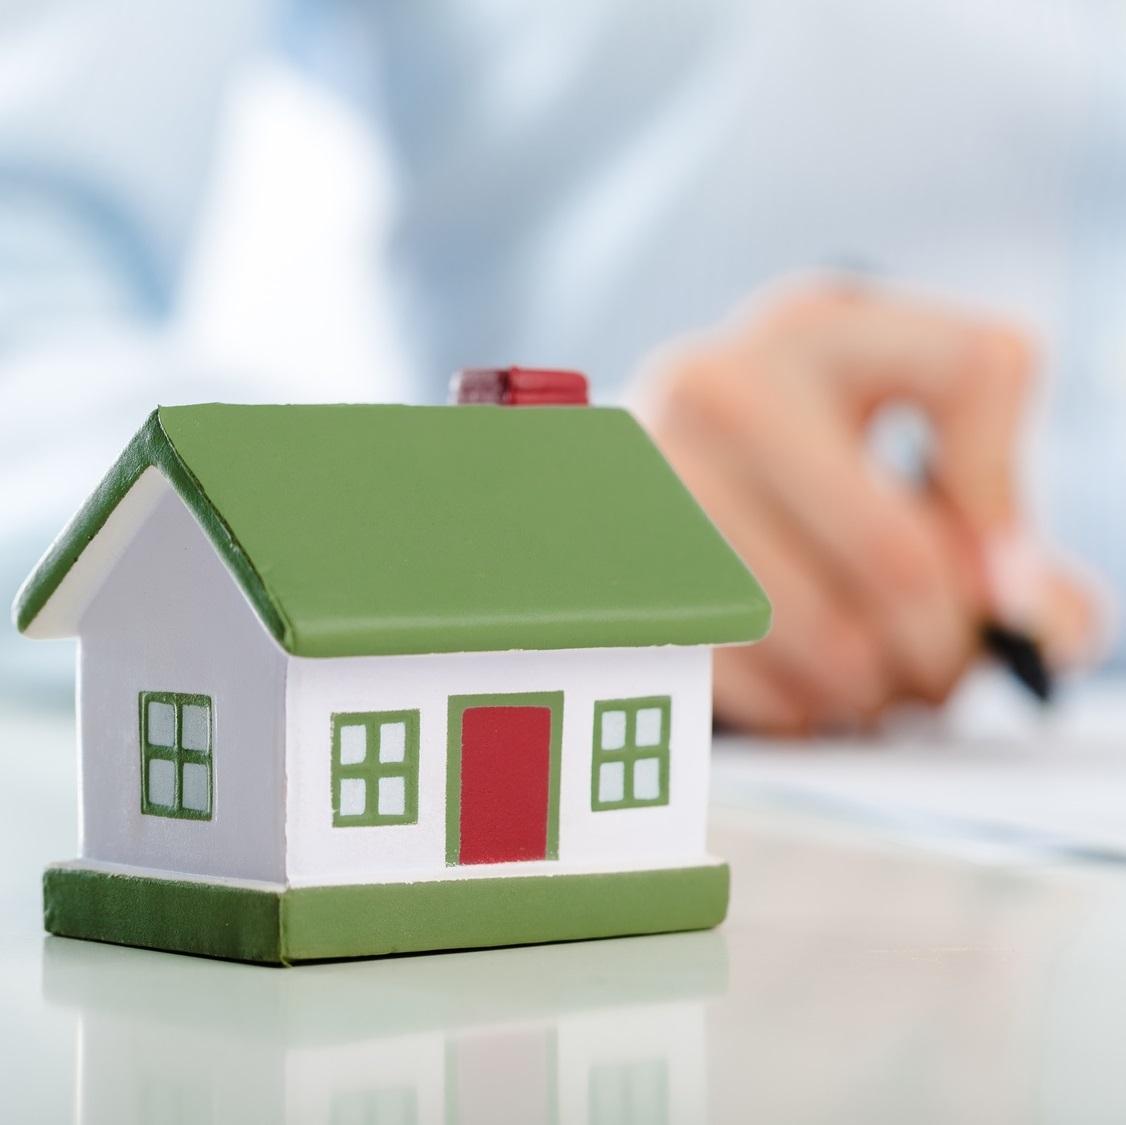 новый объект регистрации недвижимого имущества все еще